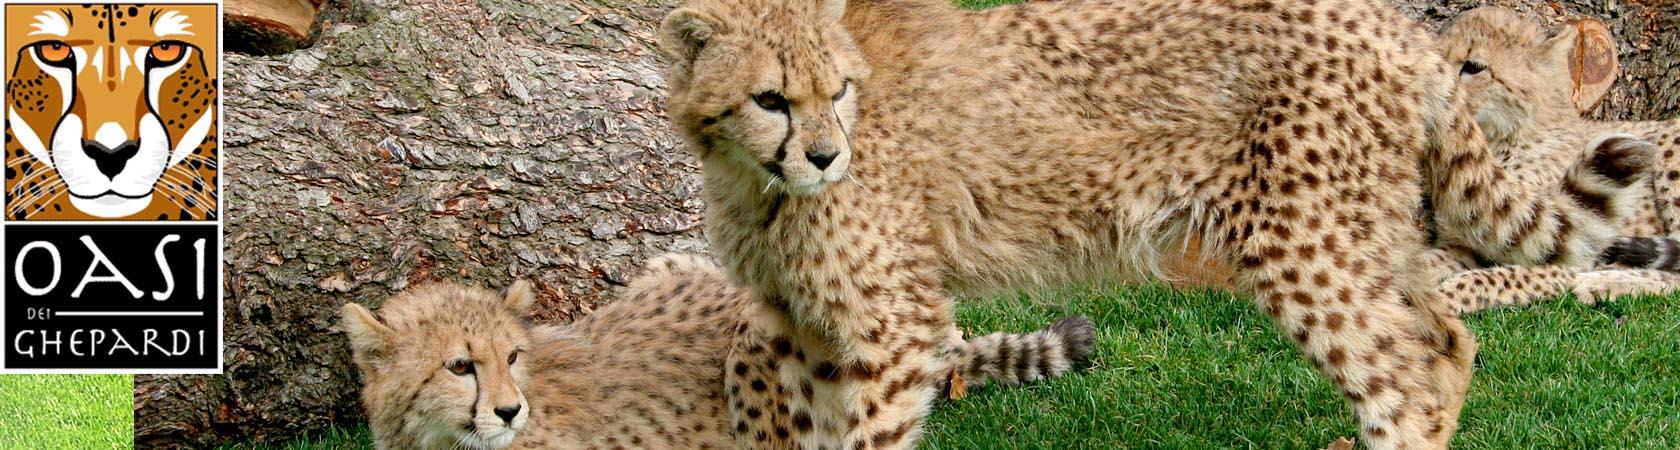 oasi-dei-ghepardi-parco-faunistico-le-cornelle06